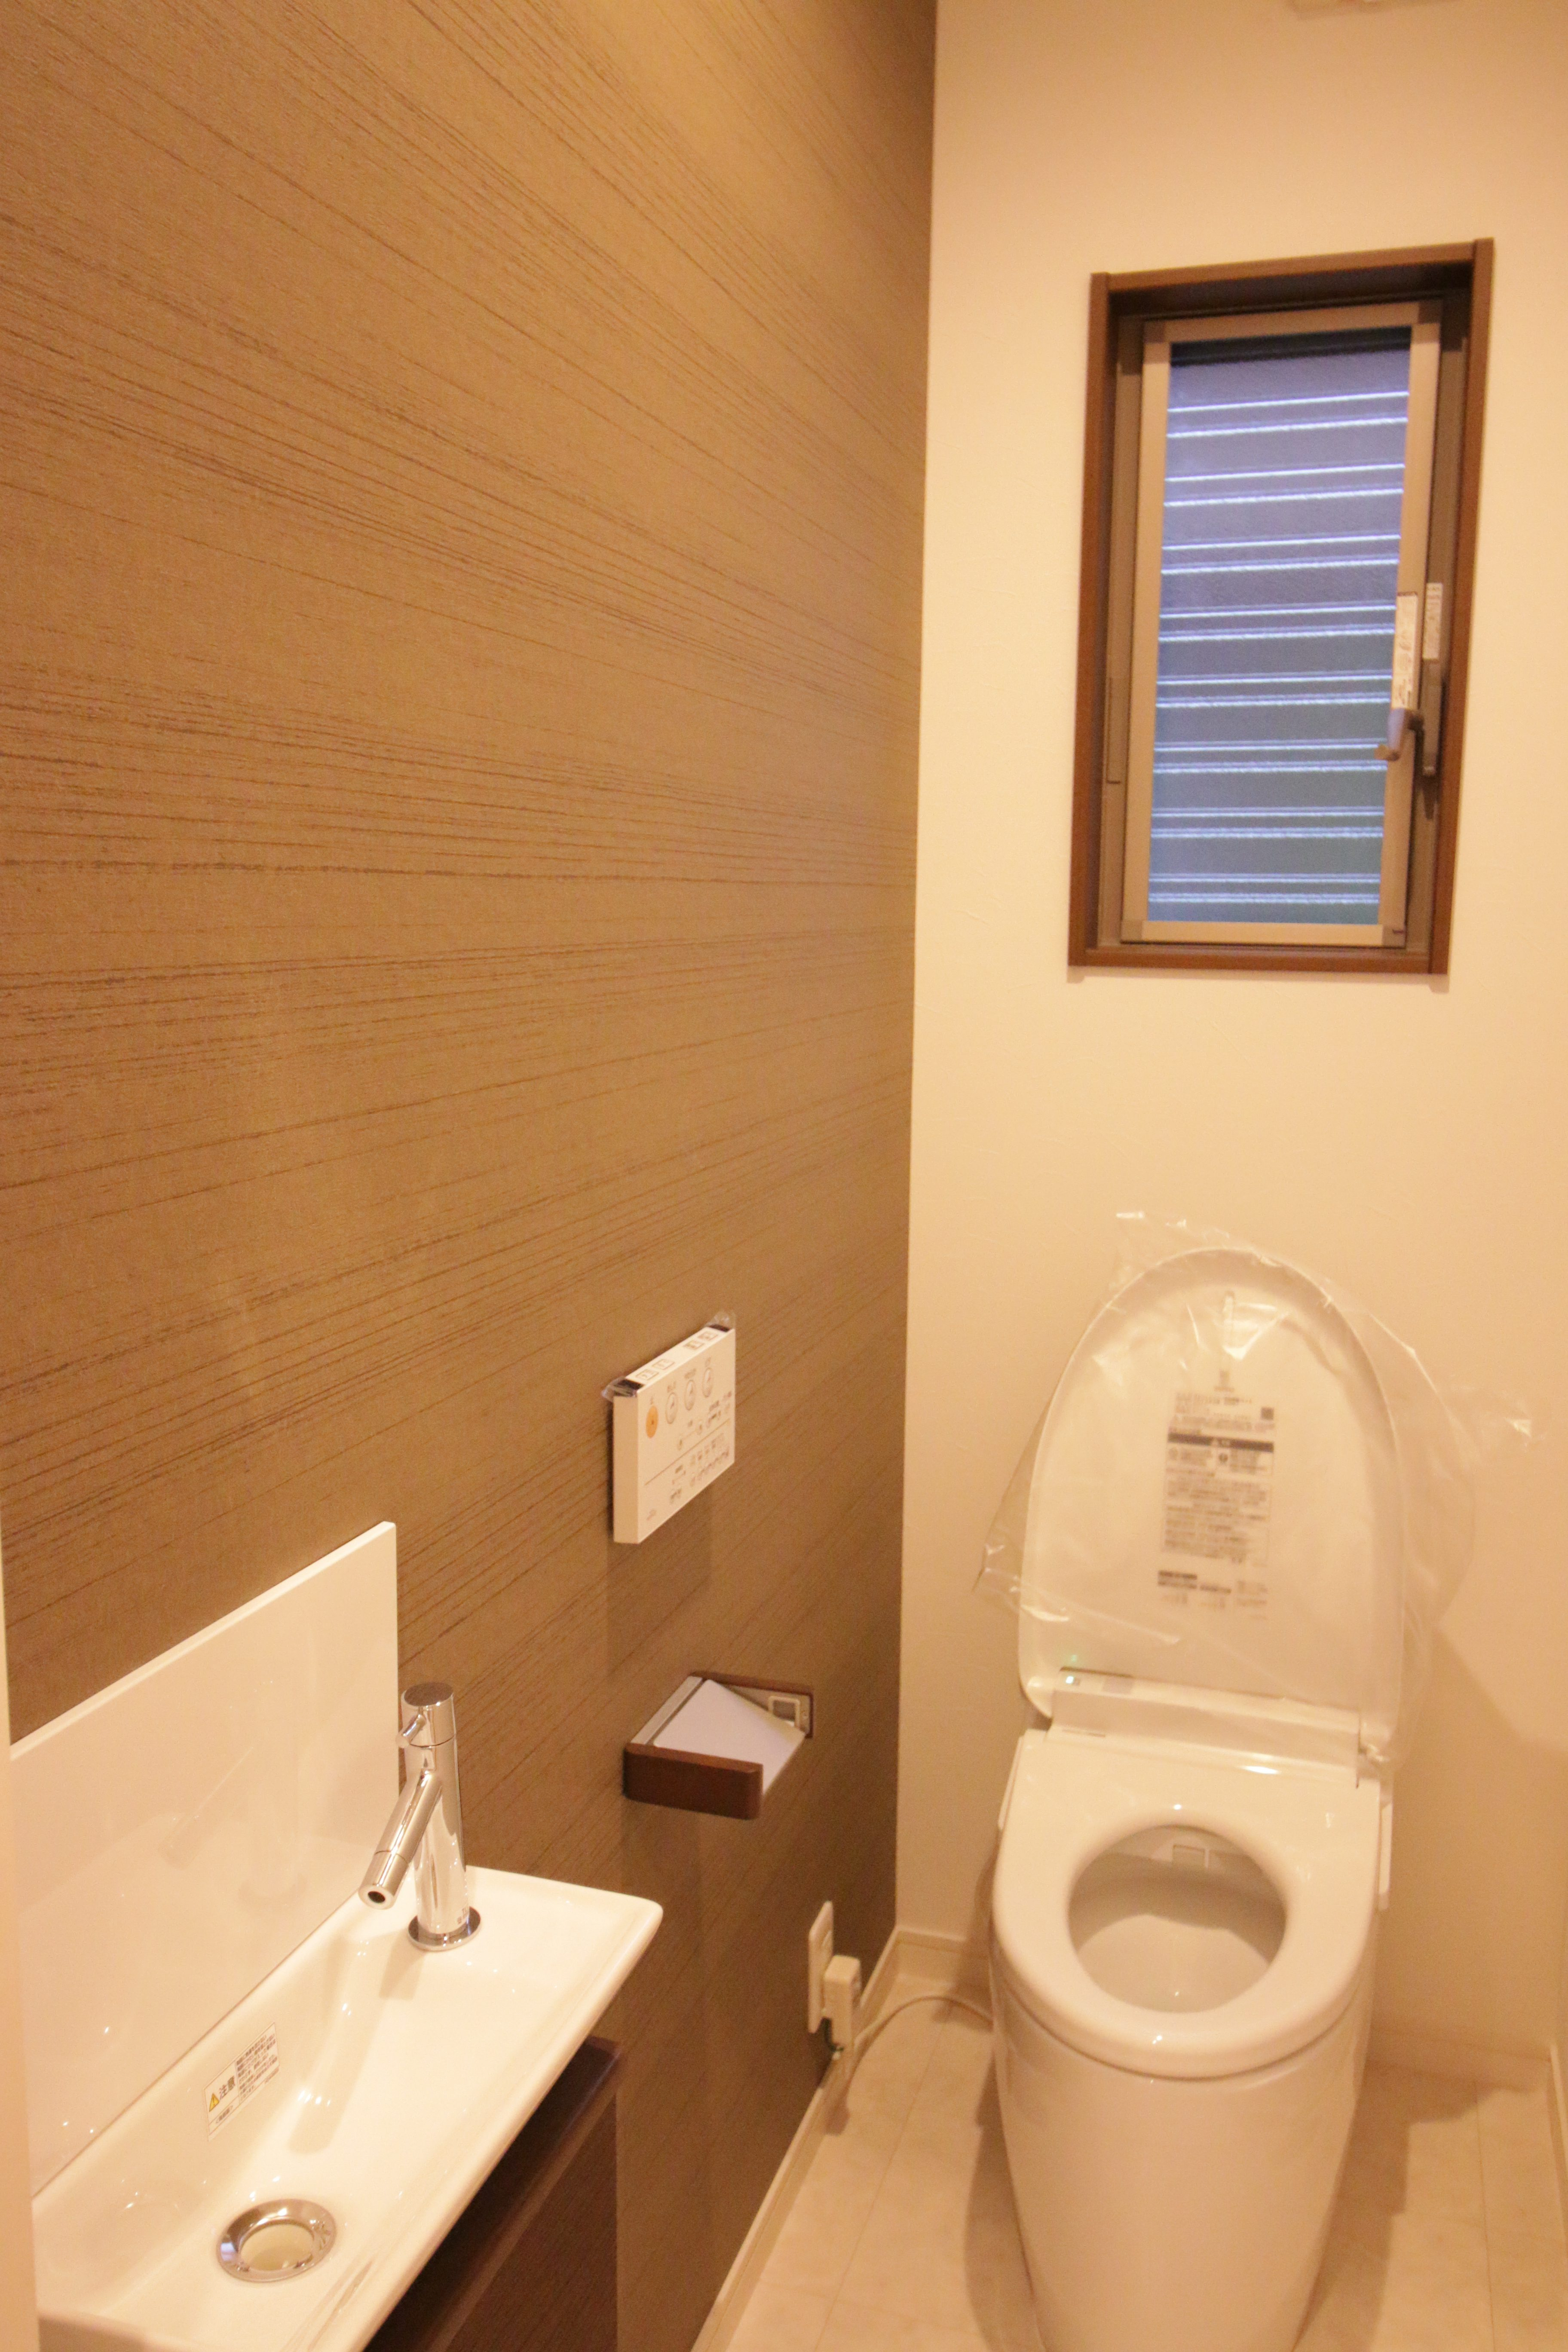 西条市でZEHのトイレ写真